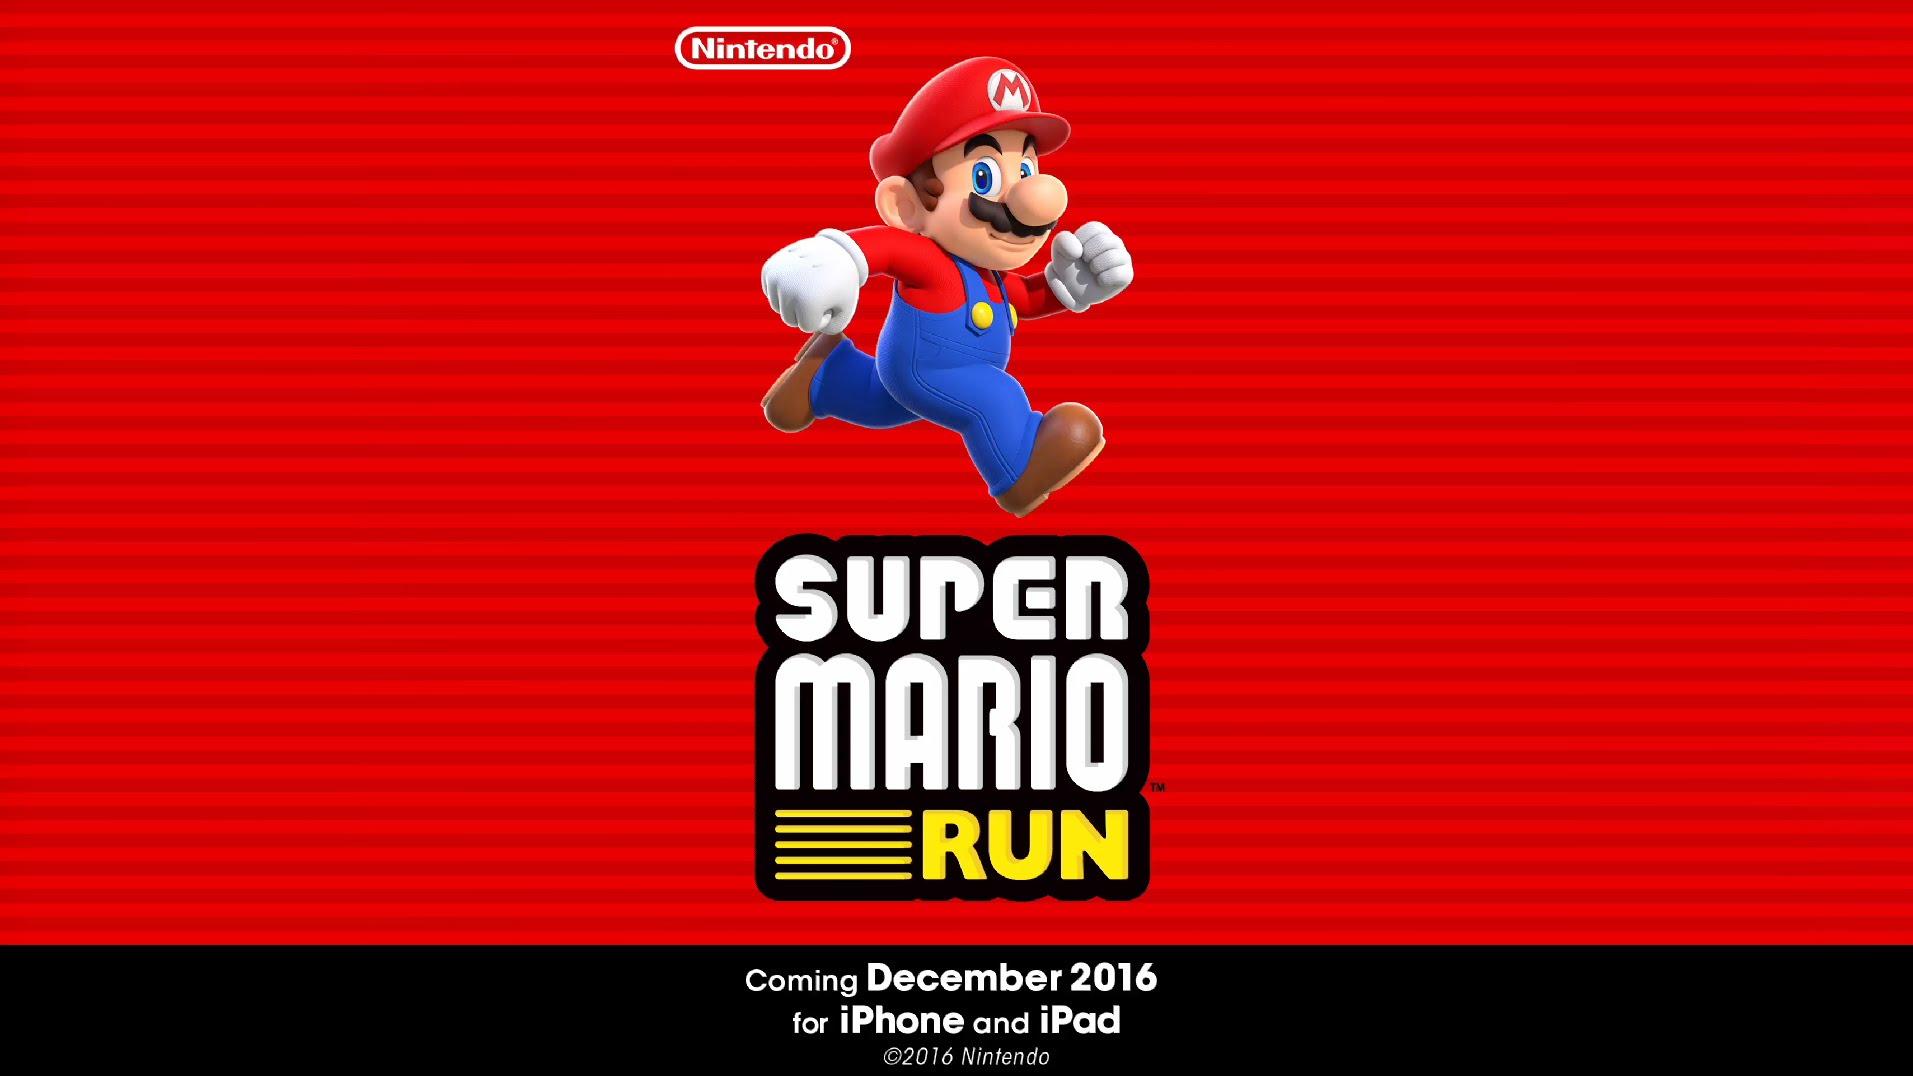 Llueven las acusaciones de sexismo en el lanzamiento de Super Mario Run